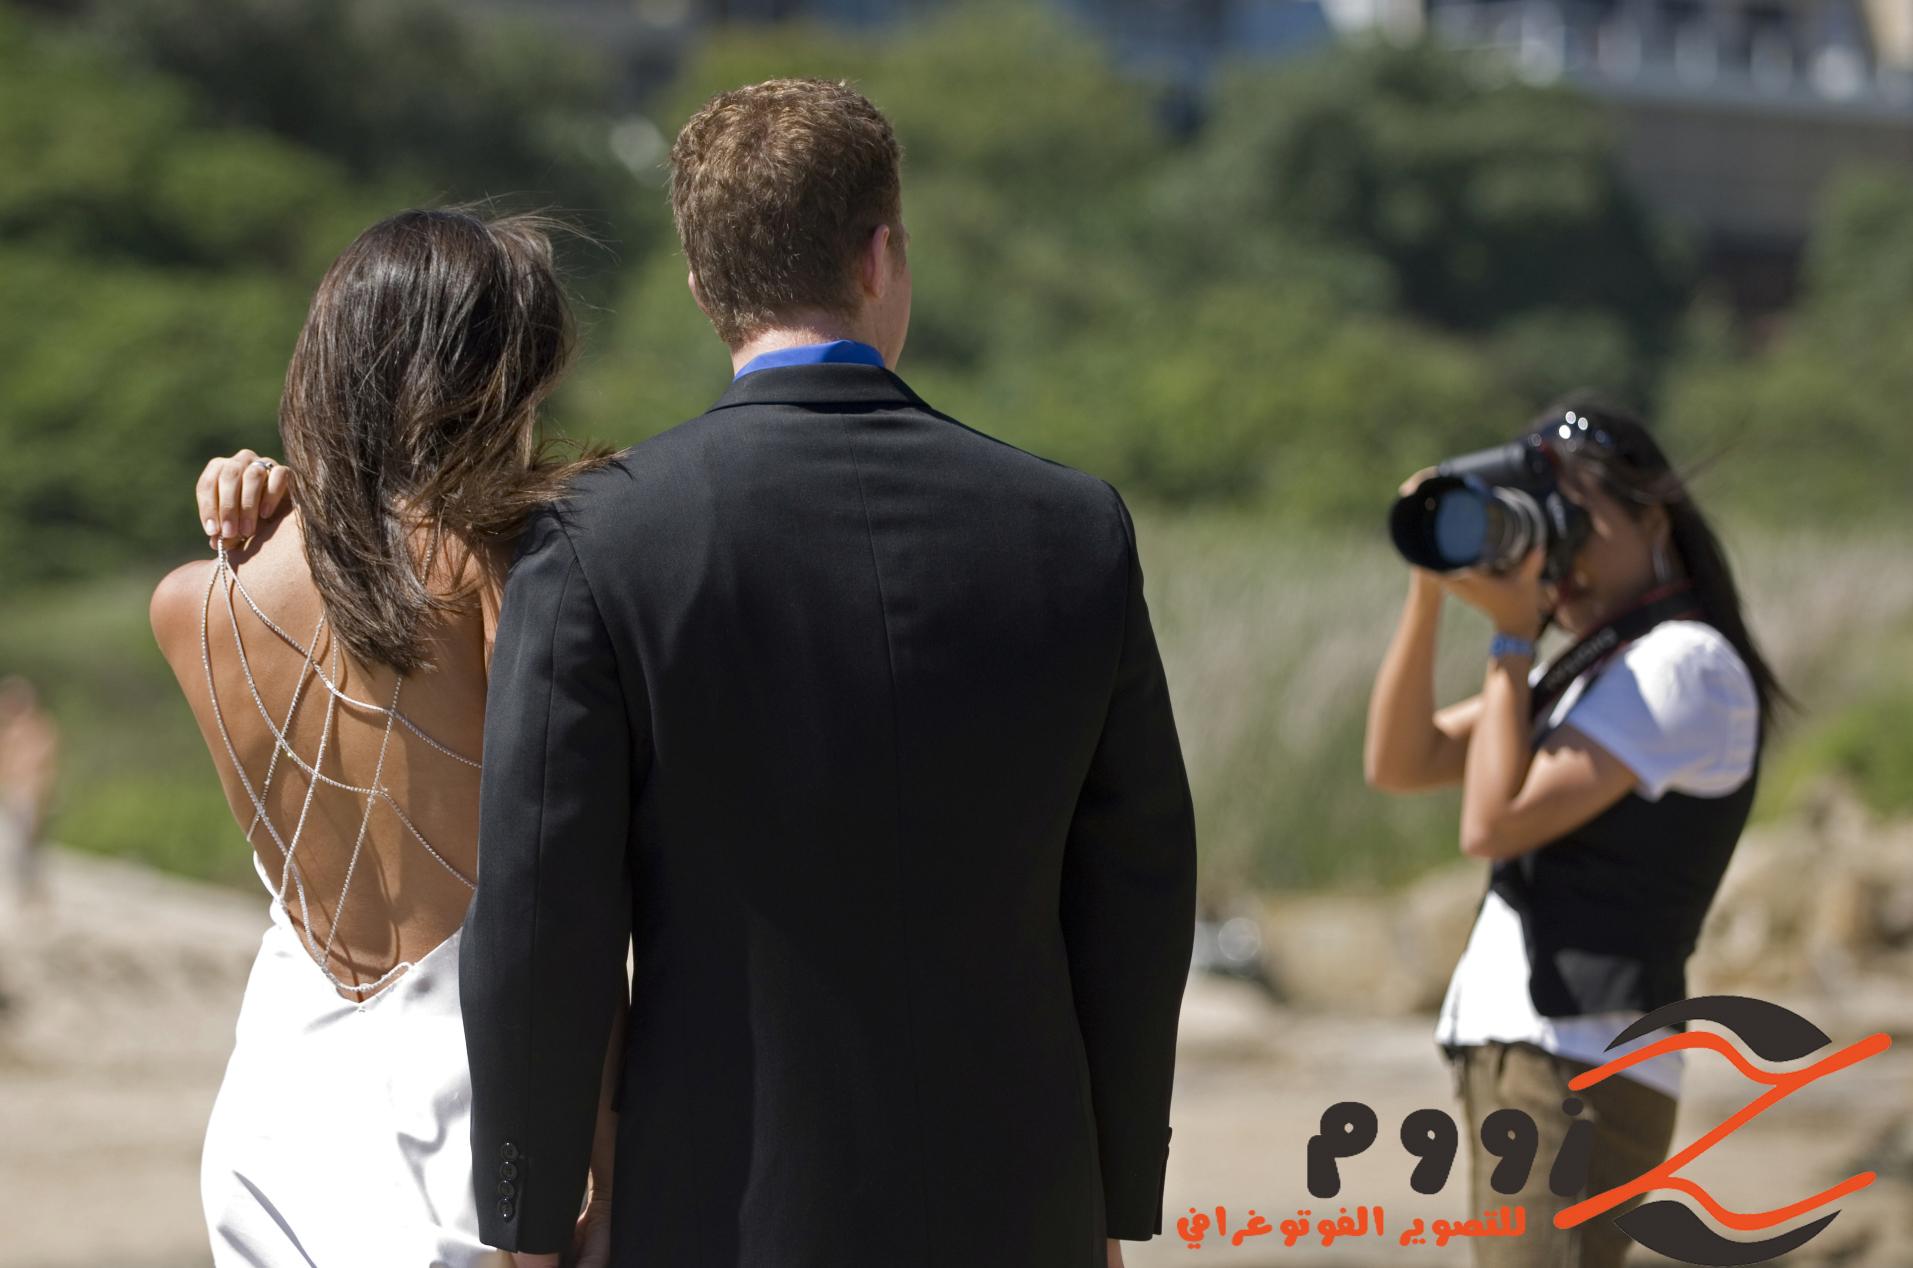 شركة تصوير أعراس بالرياض